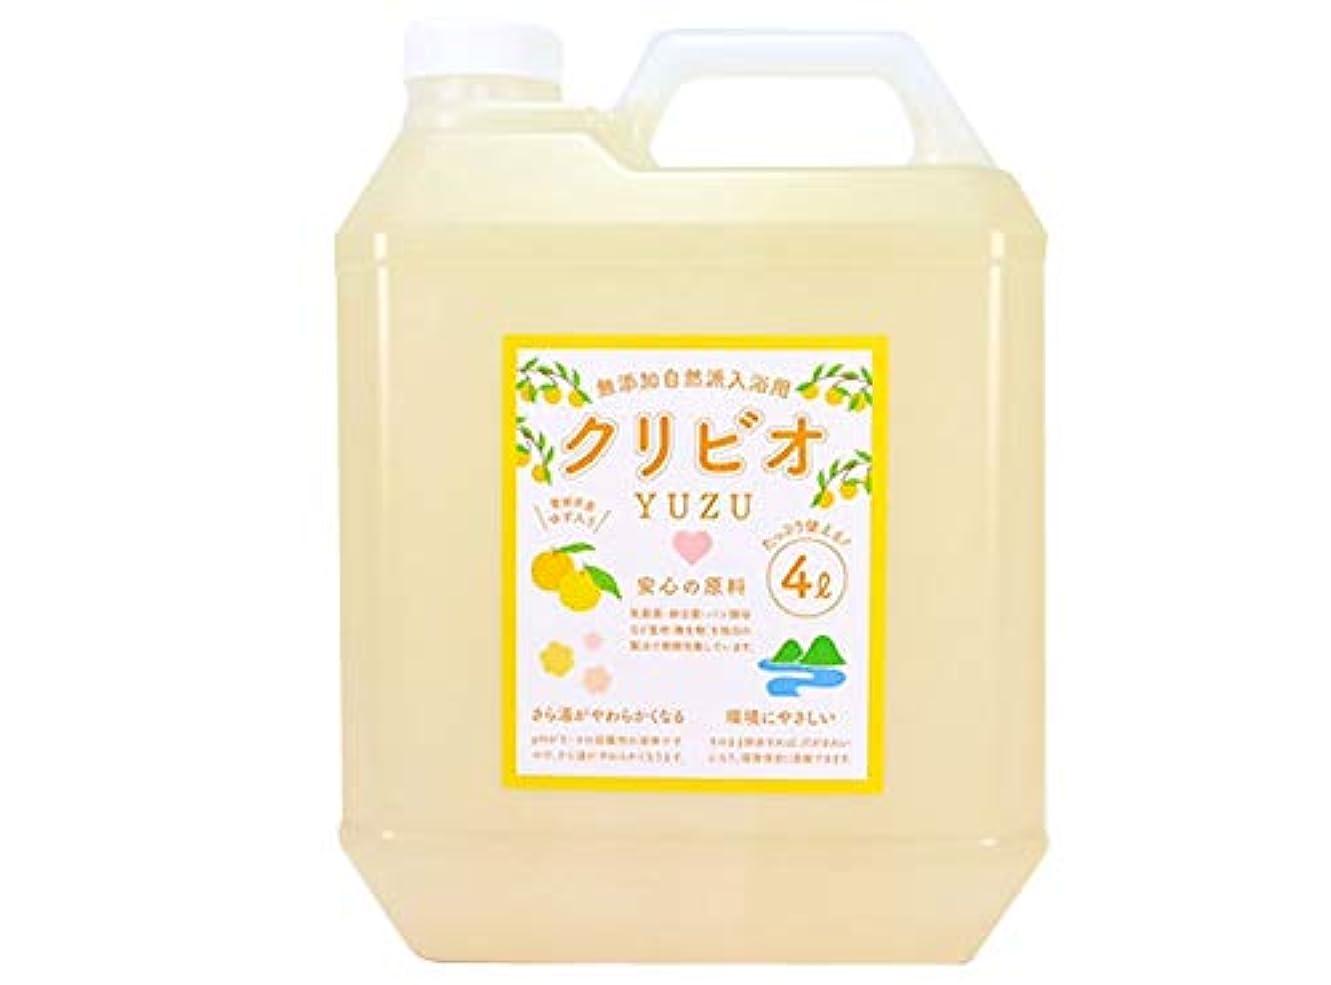 【冬季限定】 入浴用クリビオ ゆずタイプ 4リットル 【数量限定】